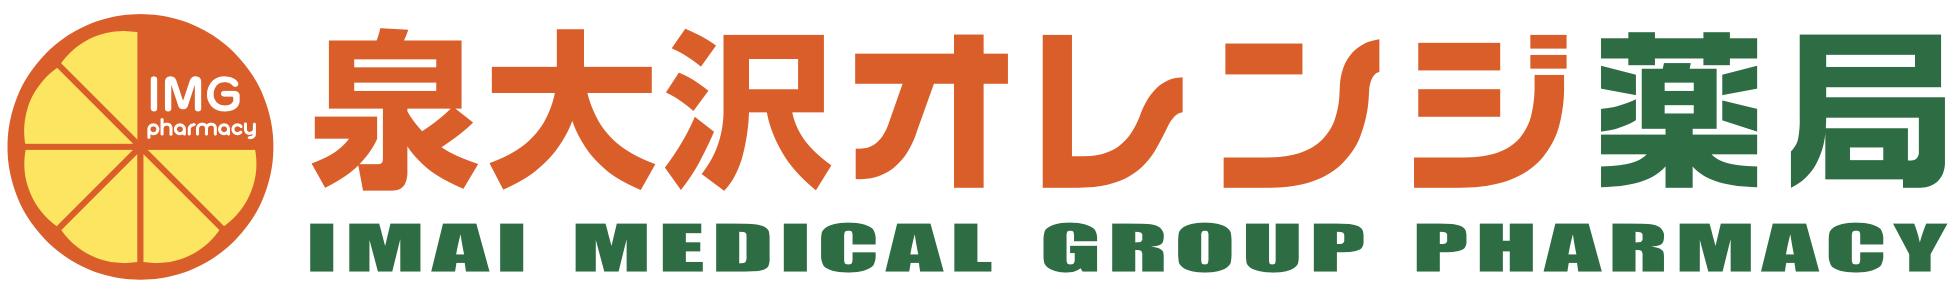 泉大沢オレンジ薬局|仙台市泉区の調剤薬局